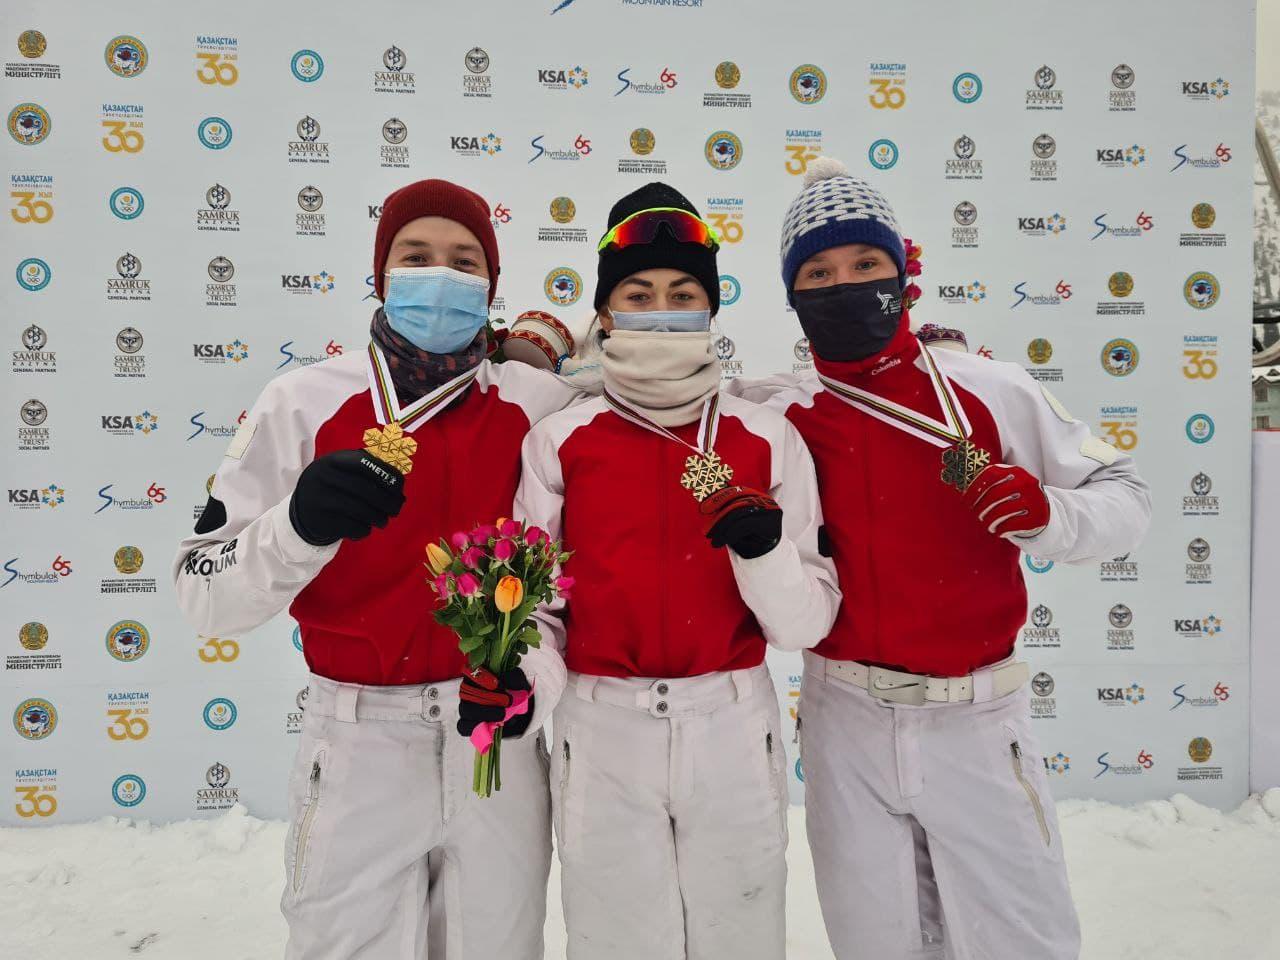 Ярославец Максим Буров стал двукратным чемпионом мира по фристайлу